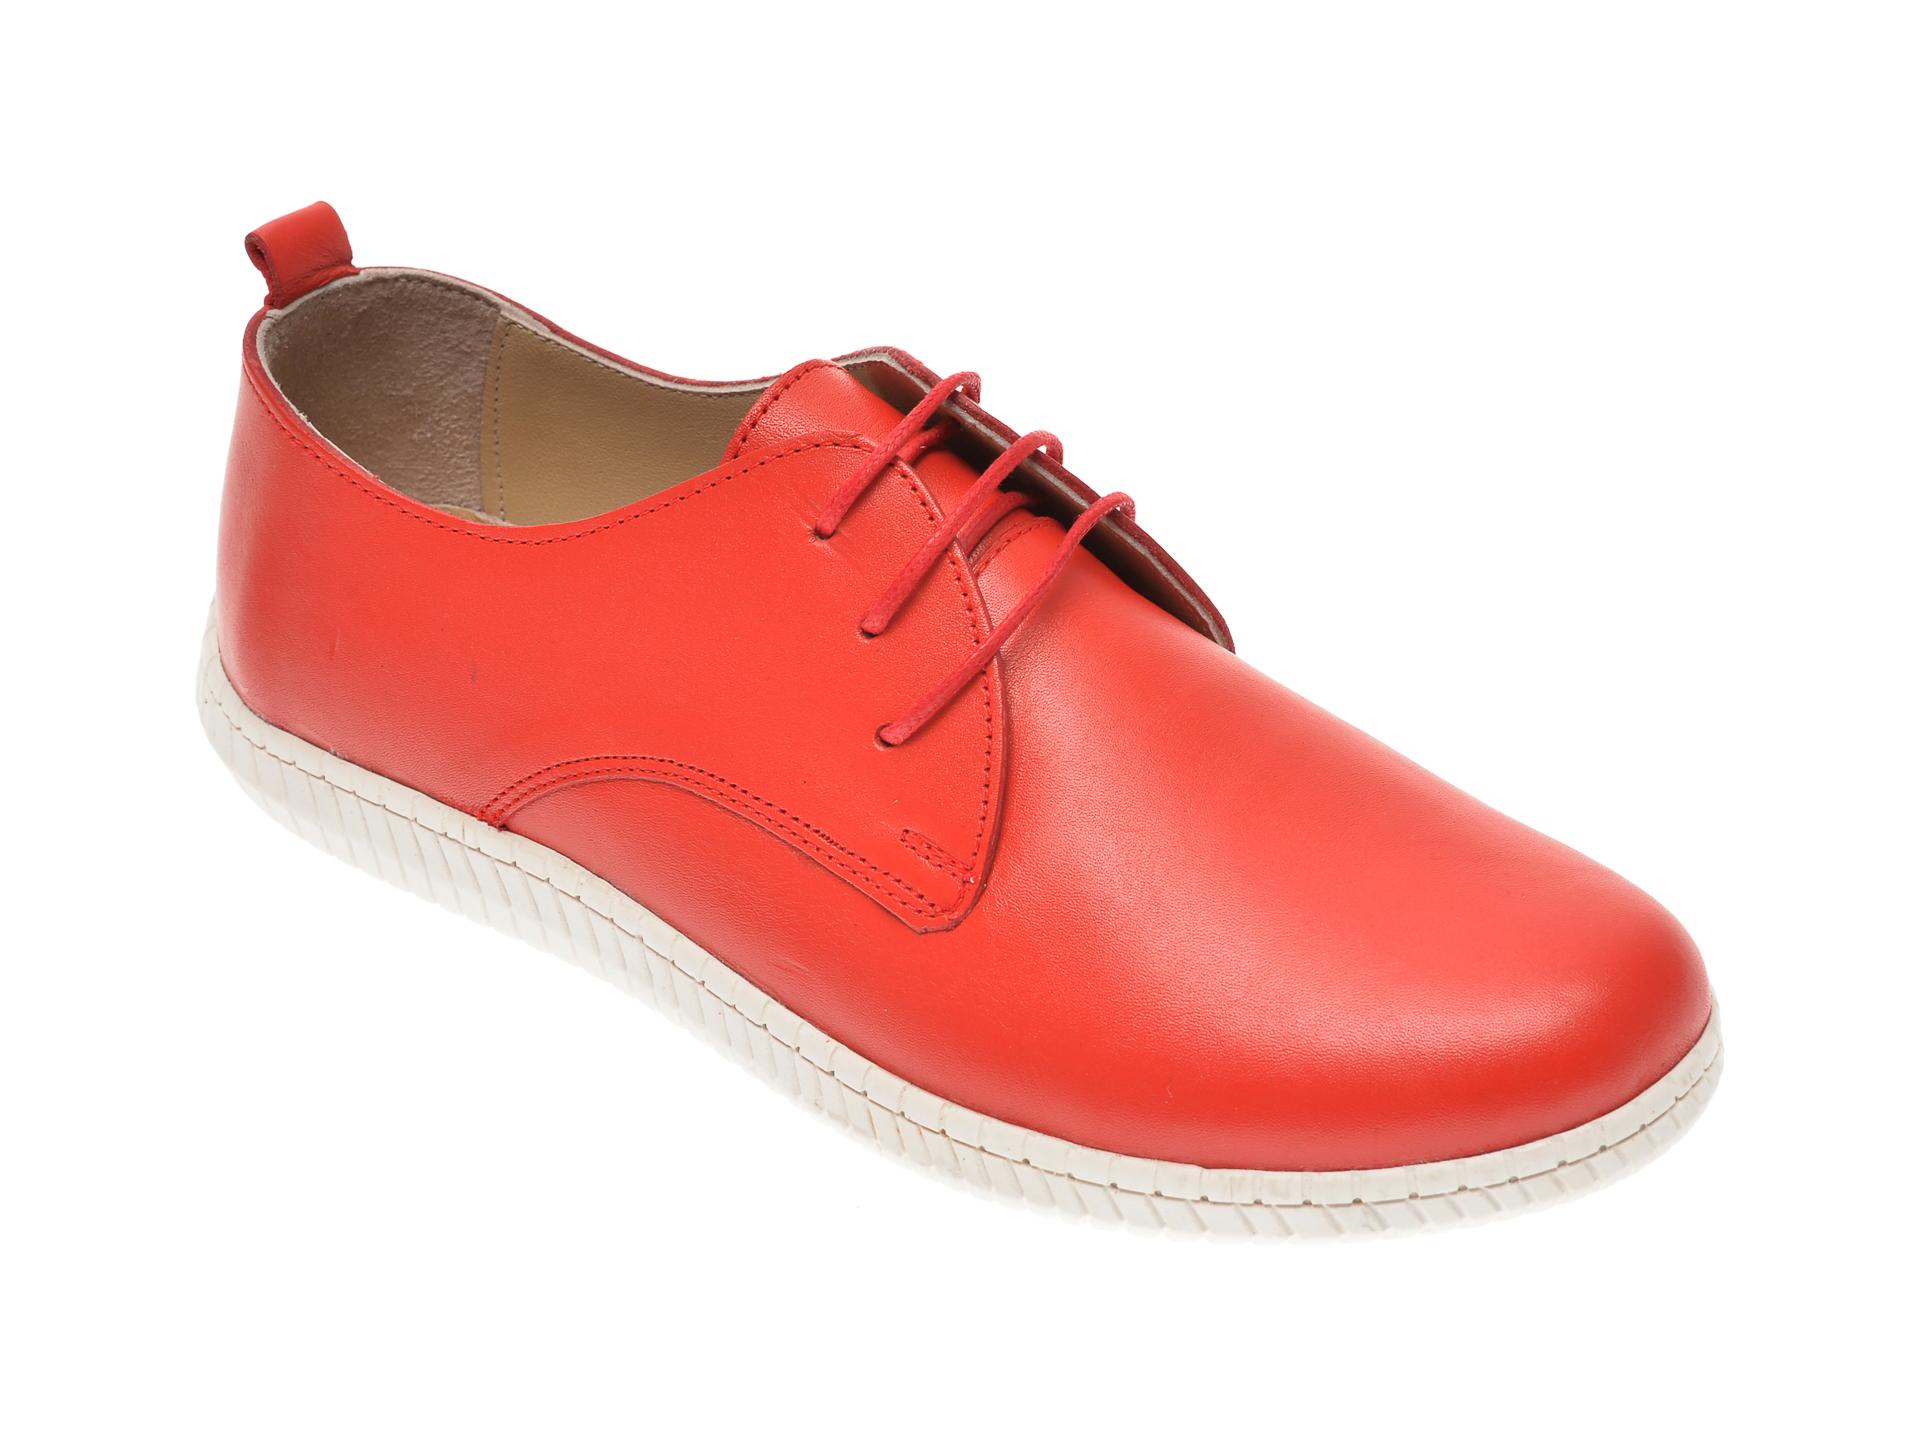 Pantofi PASS COLLECTION rosii, K92103, din piele naturala